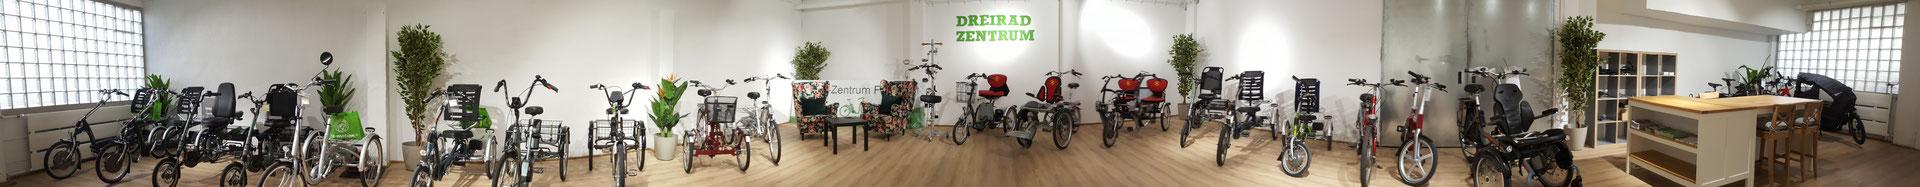 Pfau-Tec Dreiräder im Dreirad-Zentrum Frankfurt kaufen